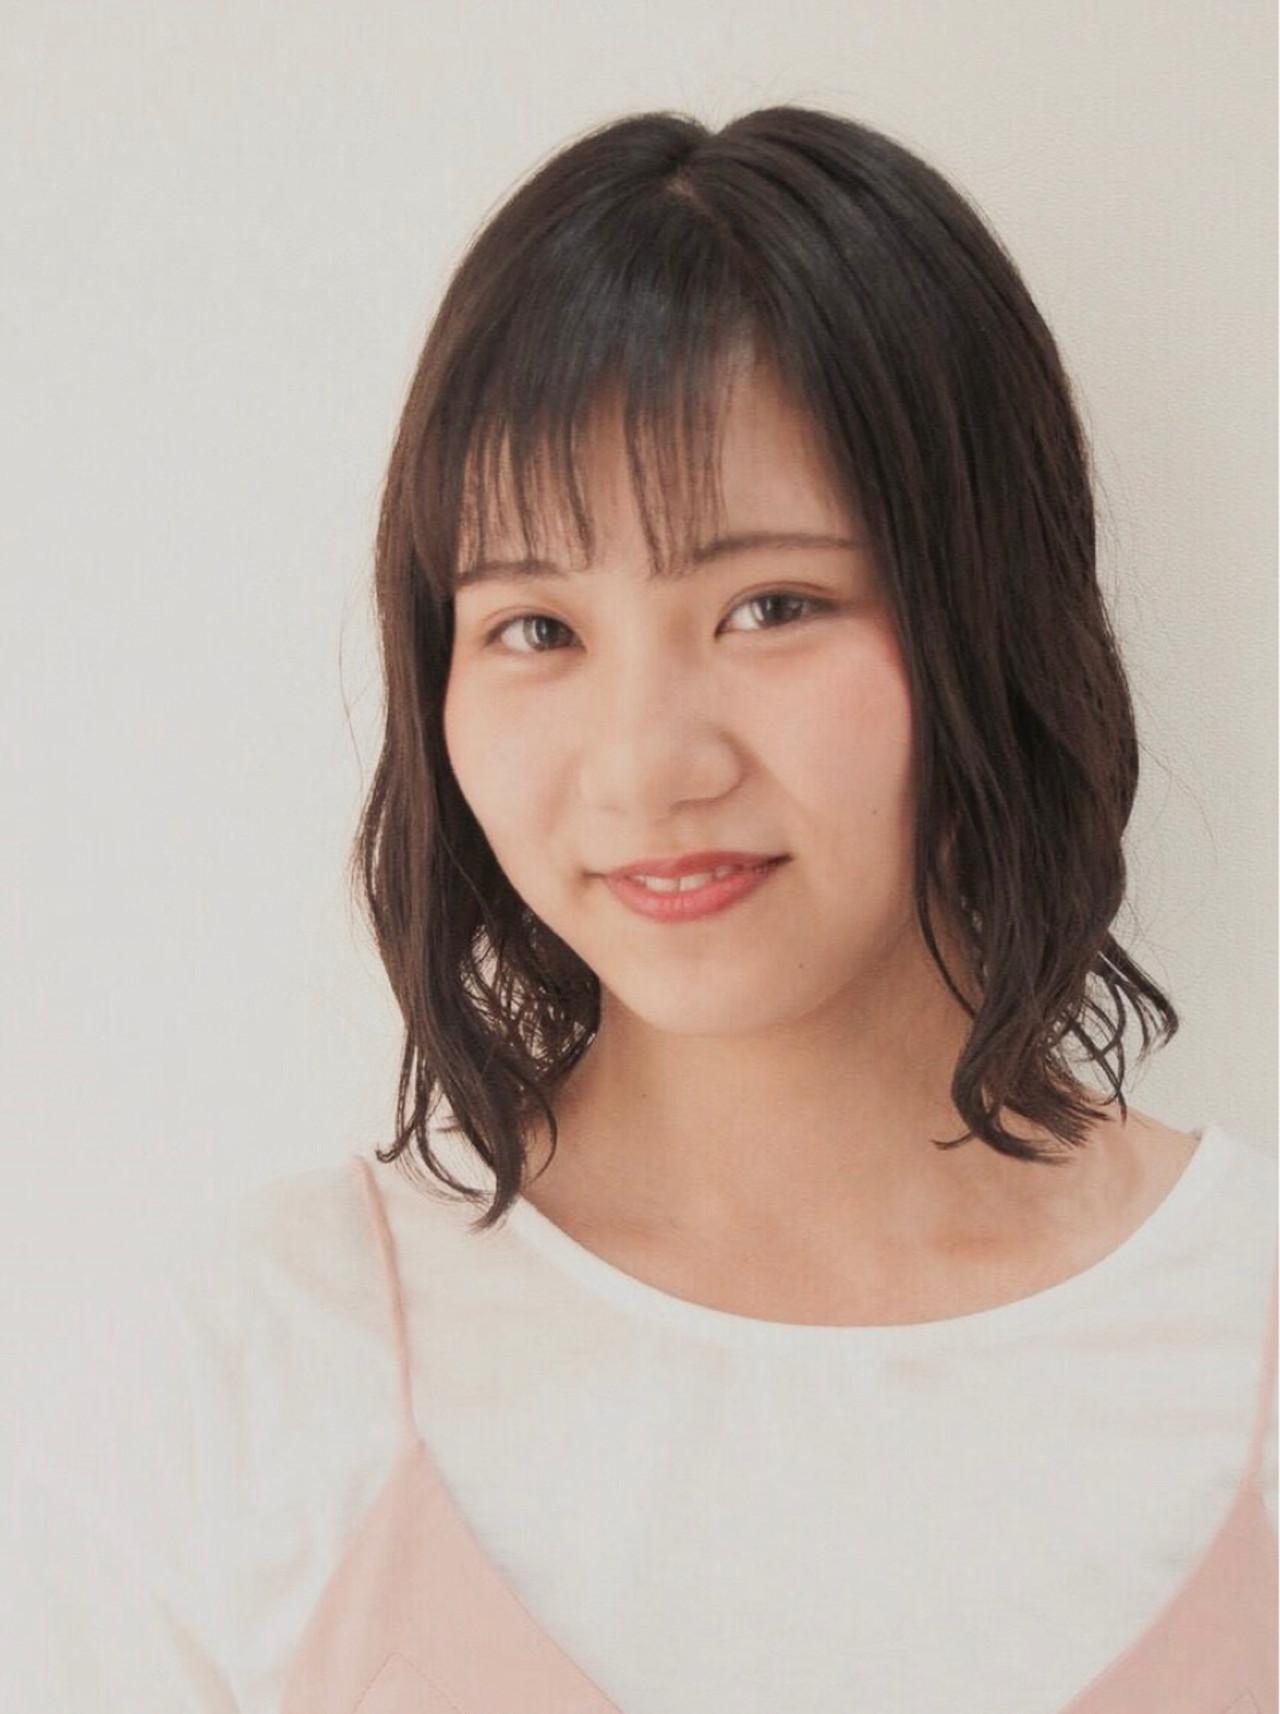 手抜きに見えないゆるさが魅力♡敏腕美容師さんおすすめ最新「抜け感ヘア」 池田祐樹